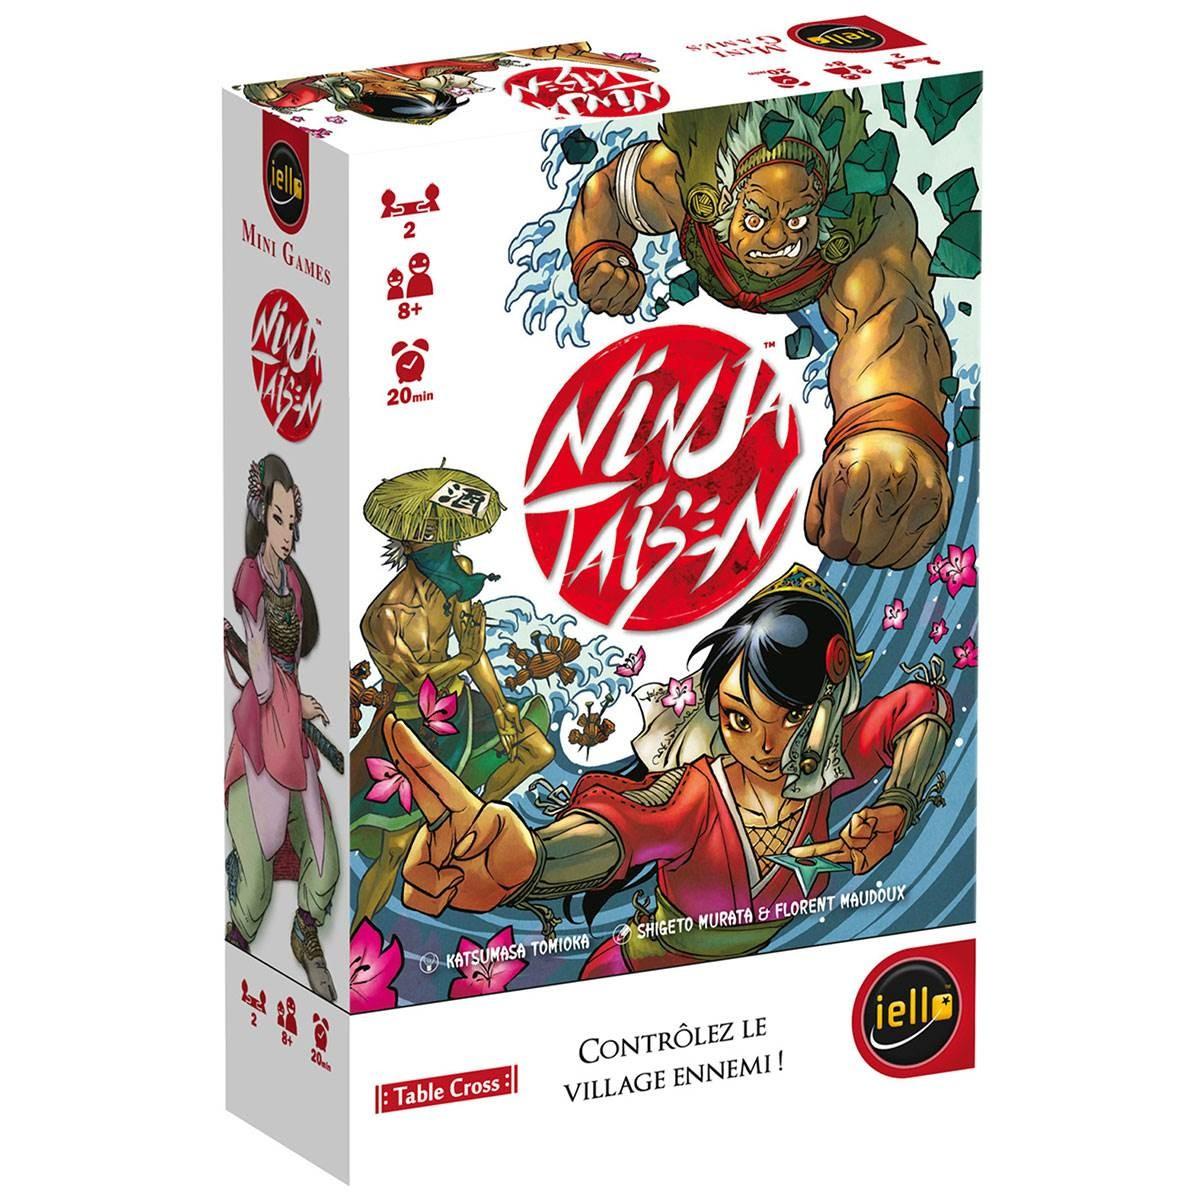 Test et Avis #7 : Ninja Taisen